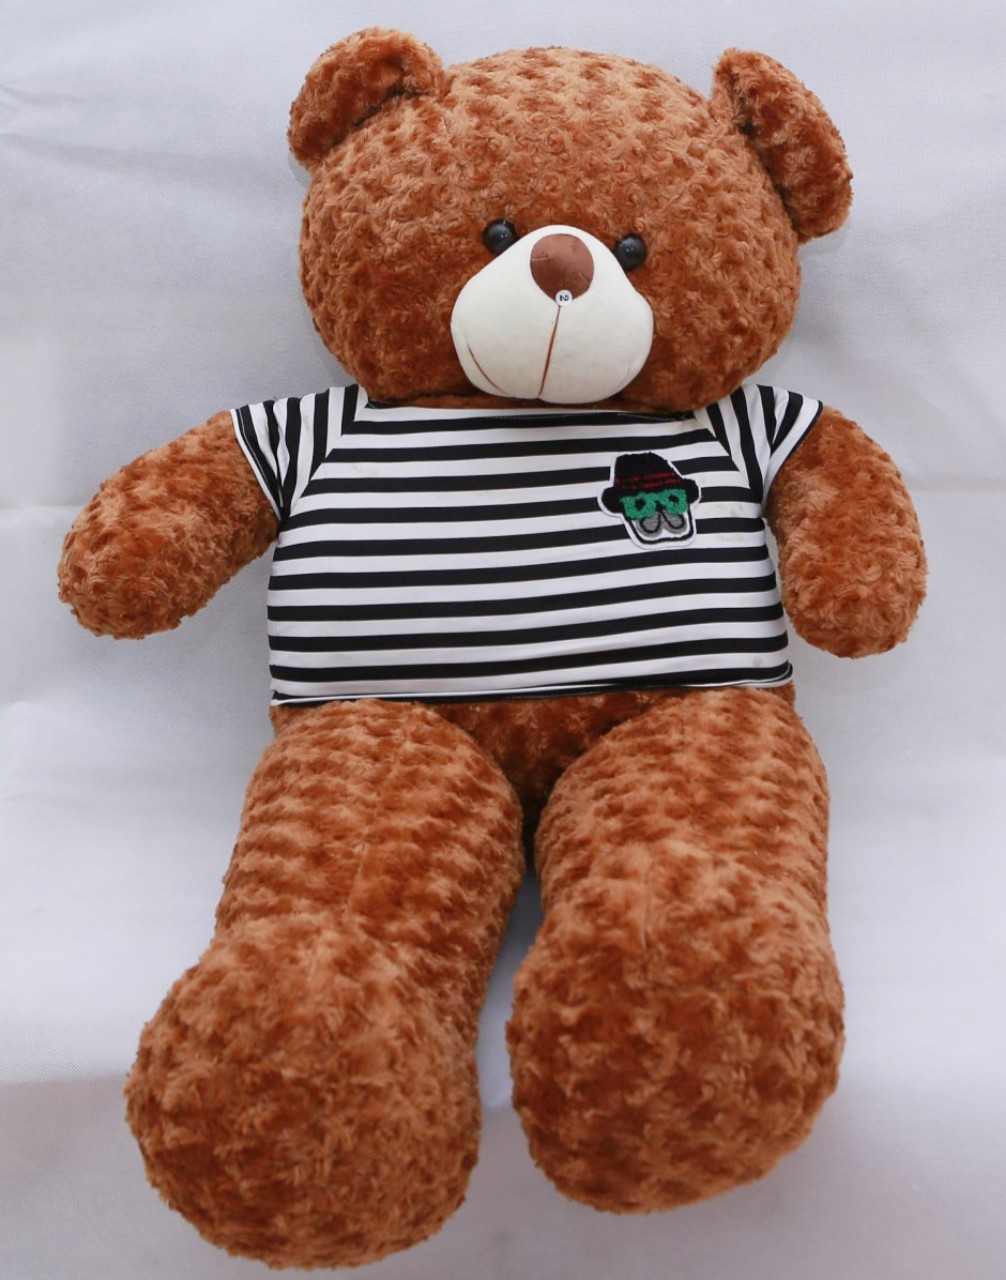 Gấu bông Gấu Teddy cao cấp, dễ thương, ngộ nghĩnh khổ vải 1m6 cao 1m4